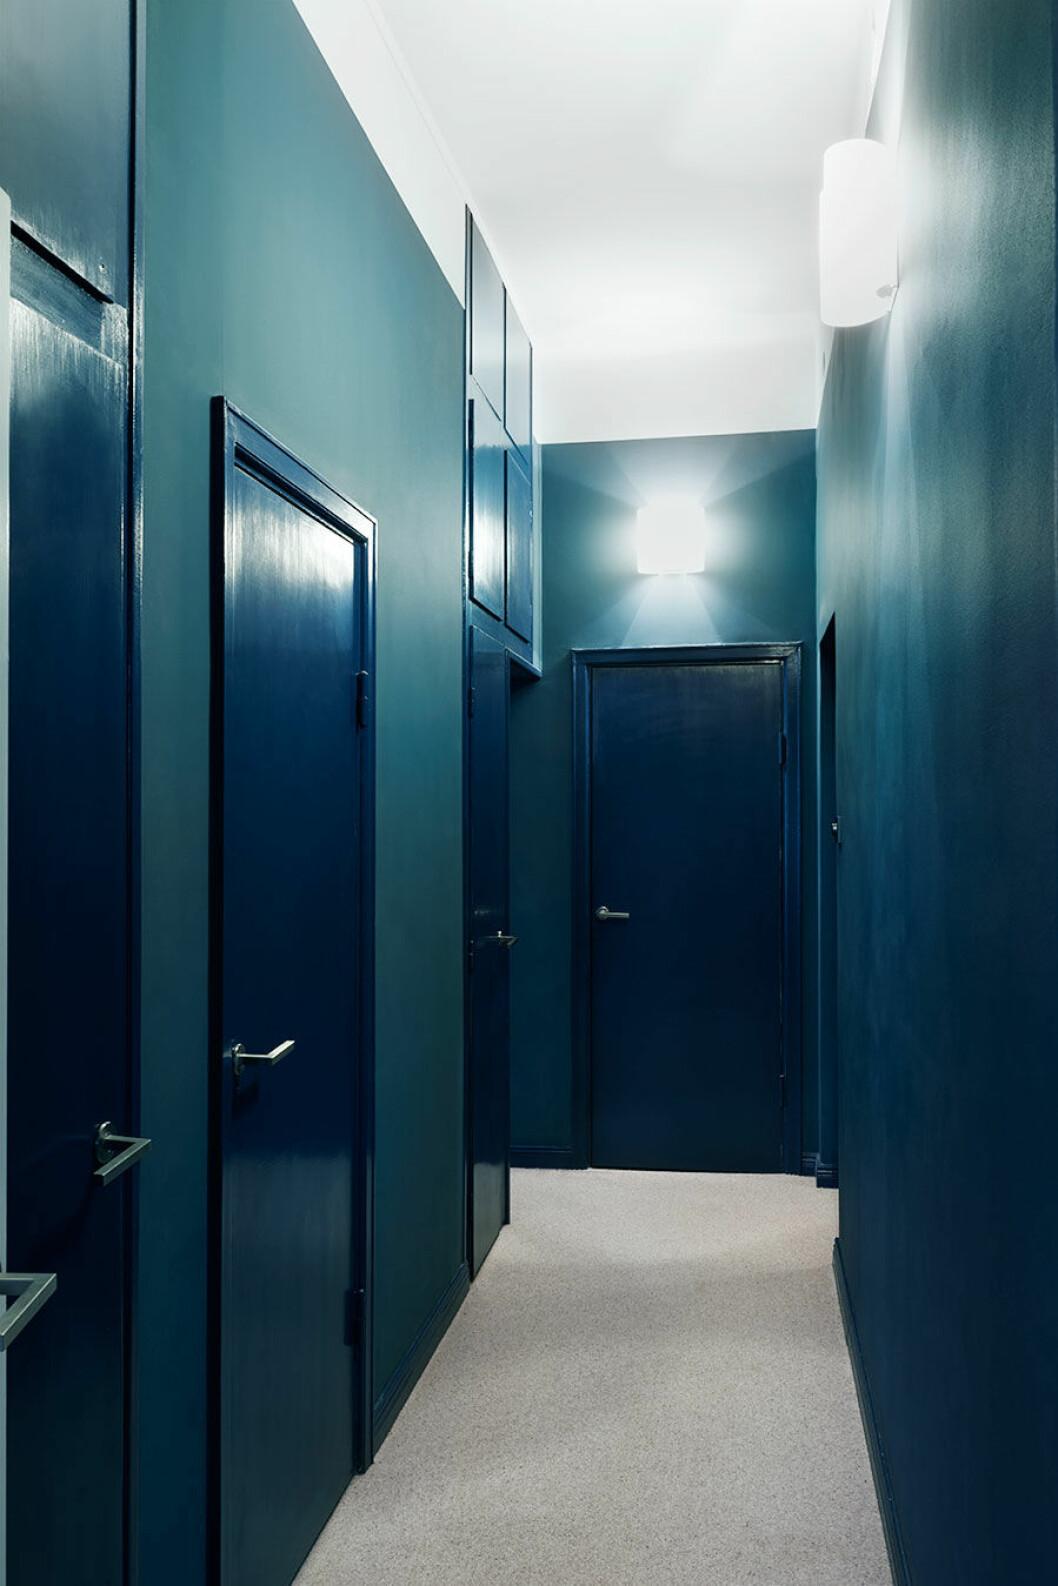 """Korridoren med klädkammaren i ena änden och de tre sovrummen i fil längs med ytterväggen. Den avskilda privata känslan förstärks av den omboande heltäckningsmattan och färgvalen. Väggarna är målade i en helmatt blå nyans som står i effektfull kontrast mot dörrar och listers högblanka finish. """"Jag ville egentligen ha ännu mer färg"""", säger Clara."""